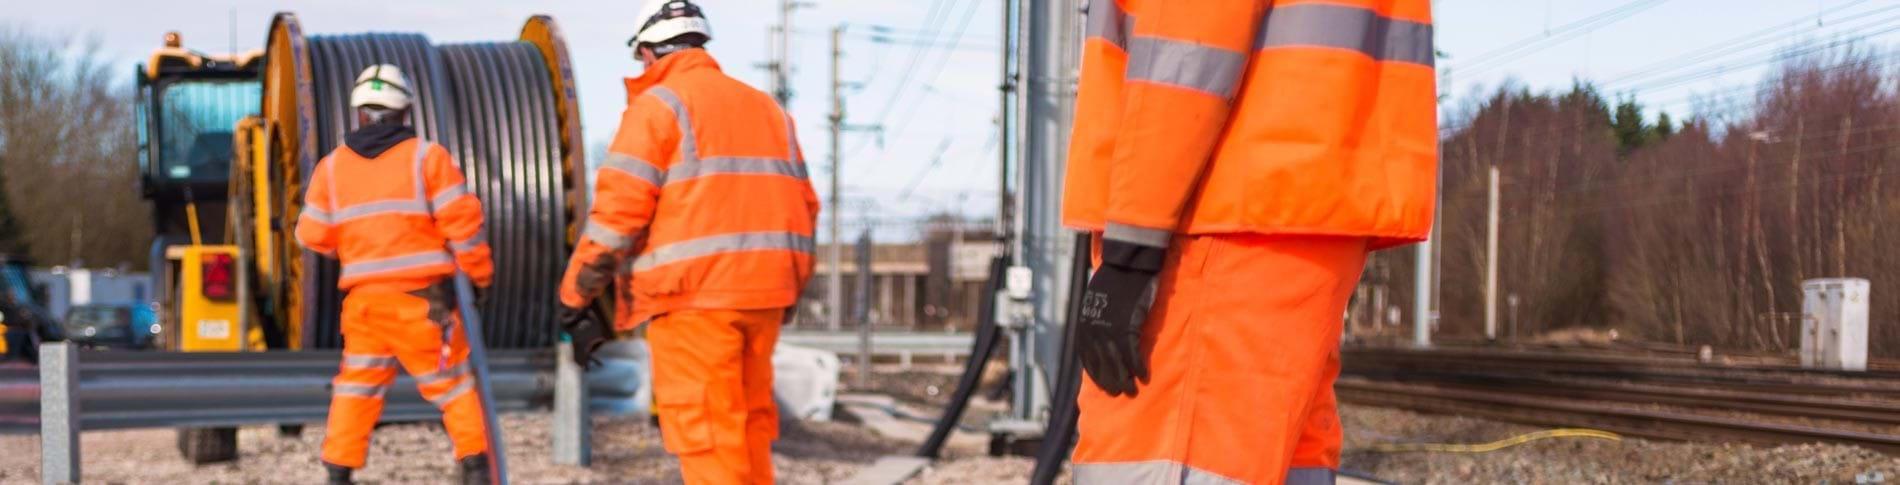 Rail Telecom Cables